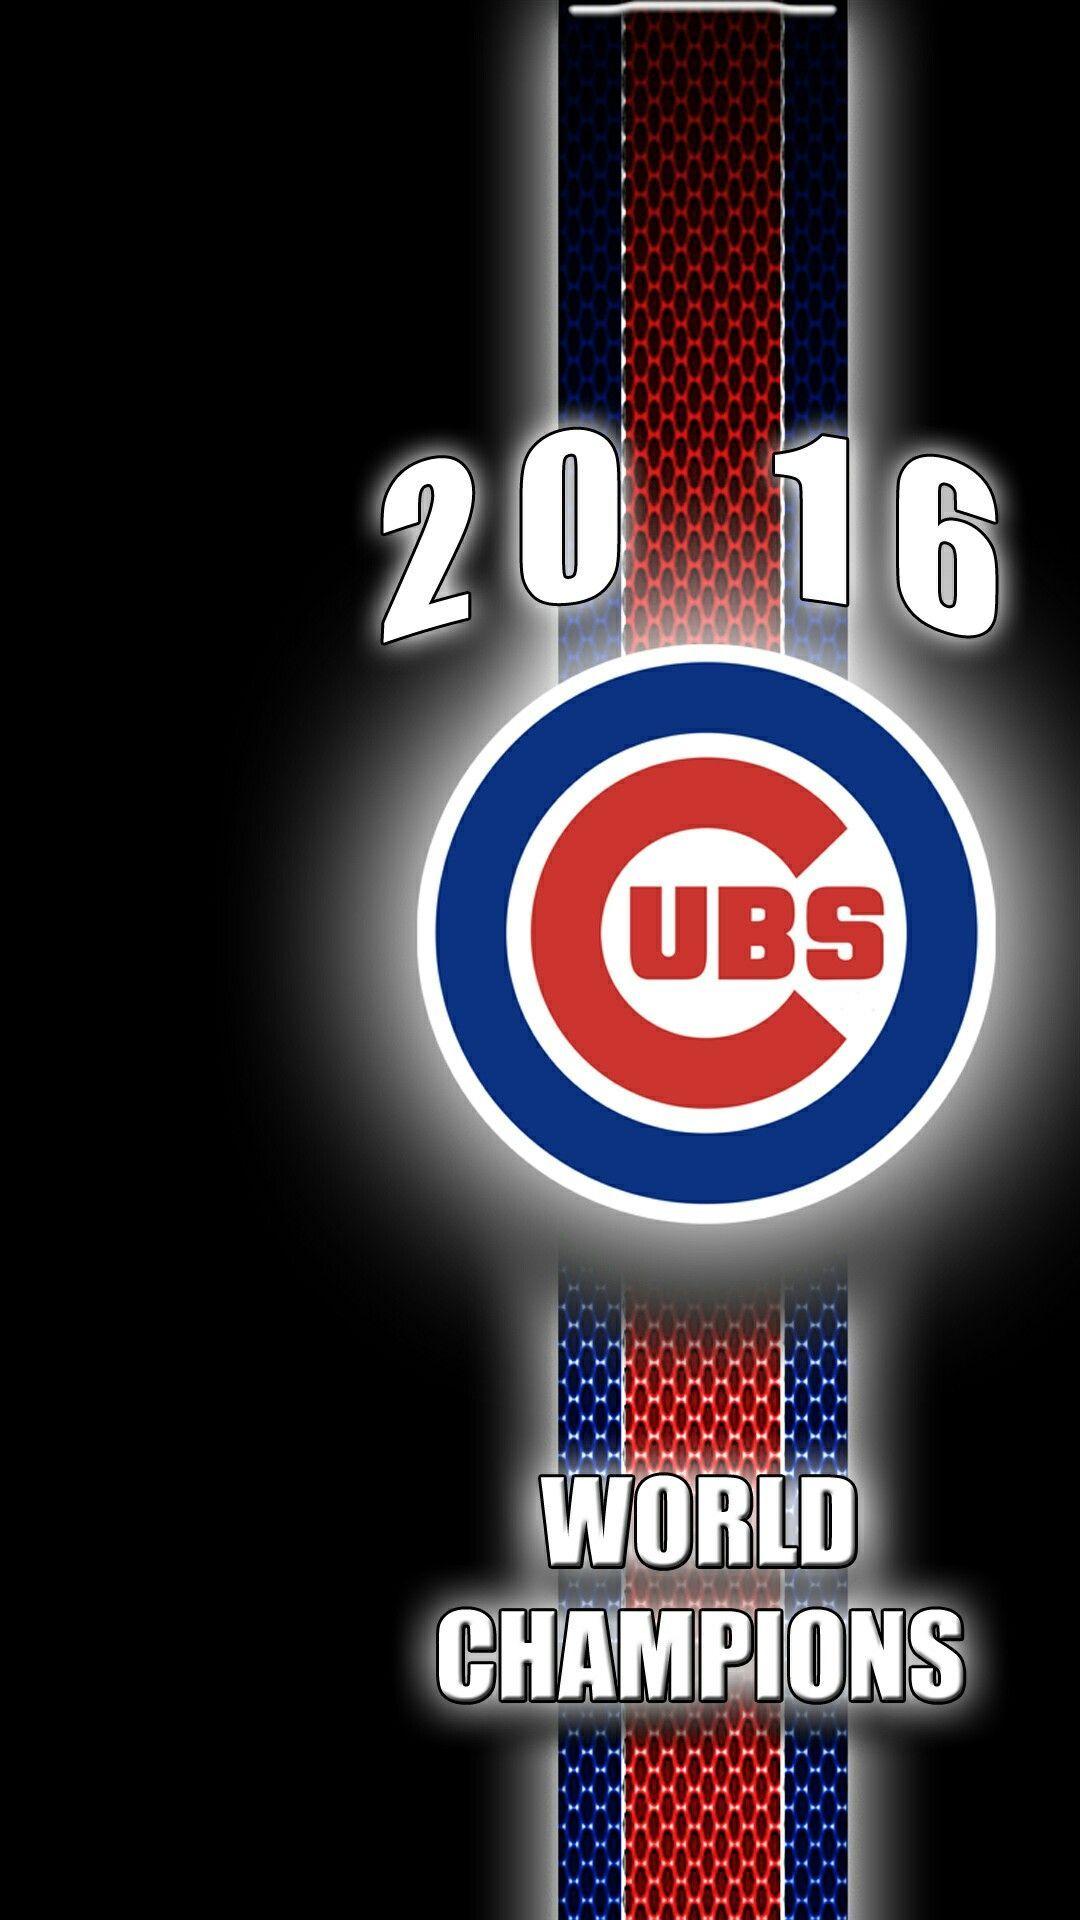 World Series Cubs Wallpaper Chicago cubs wallpaper, Cubs